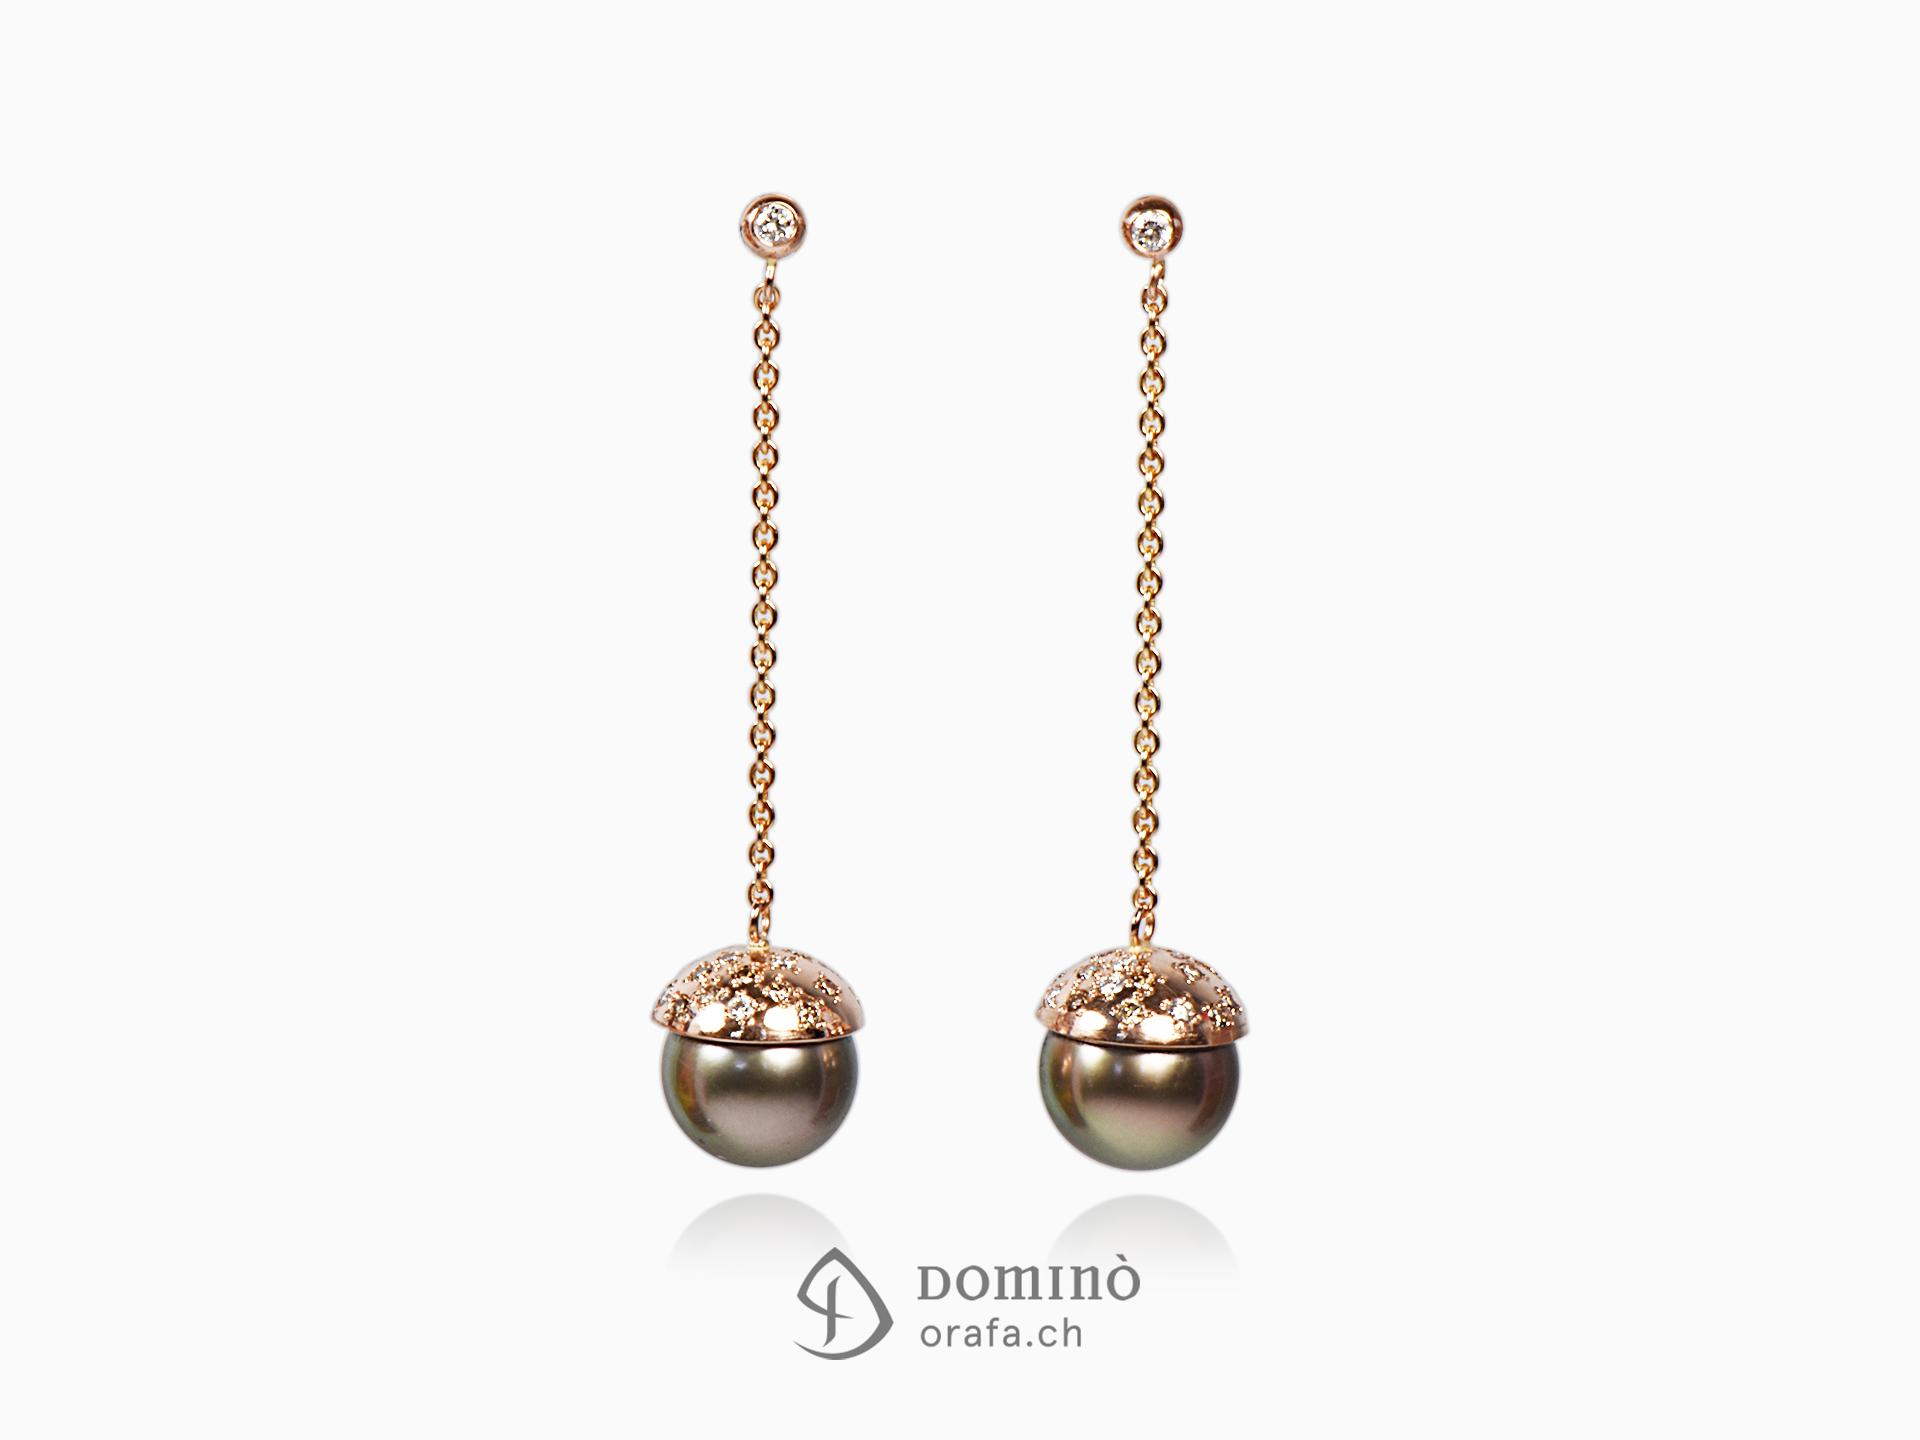 orecchini-oro-rosso-diamanti-incolore-cognac-brown-perle-tahiti-oro-rosso